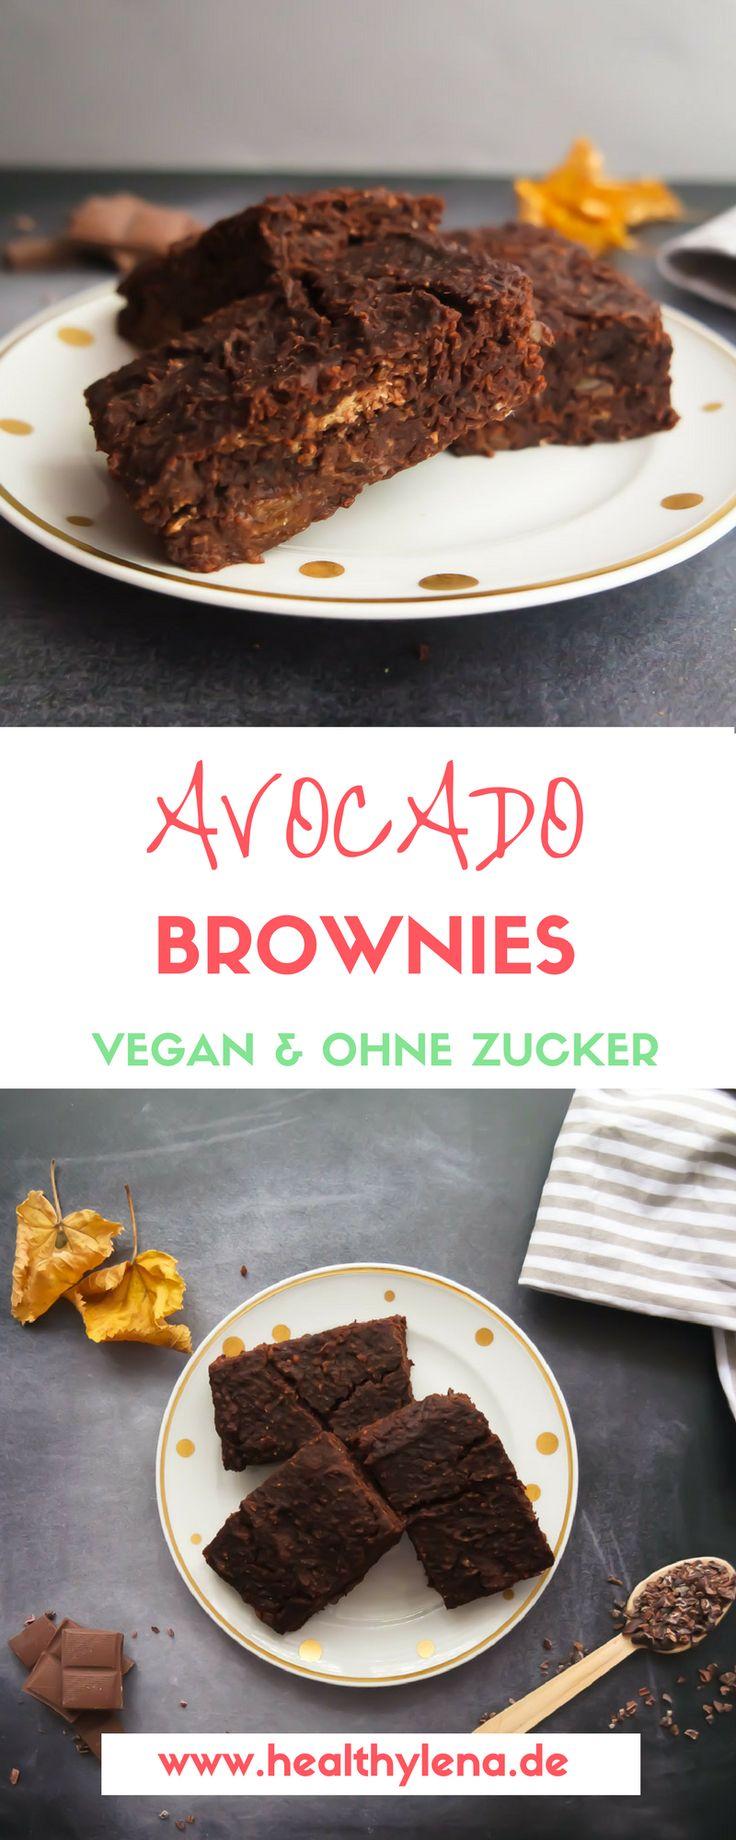 Brownies mit einer versteckten Zutat sind hier ja keine Seltenheit. Dennoch sind die veganen und gesunden Avocado Brownies etwas ganz Besonderes. Sie sind nämlich so unglaublig fudgy & saftig zugleich, dass ein Biss genügt, um mich direkt in den Schoko-Himmel zu transportieren. Nicht, dass es bei einem einzigen Bissen bleiben würde – so gut habe ich mich dann doch nicht unter Kontrolle ;) Hier geht's zum Rezept: vegan, glutenfrei & ohne Zucker.